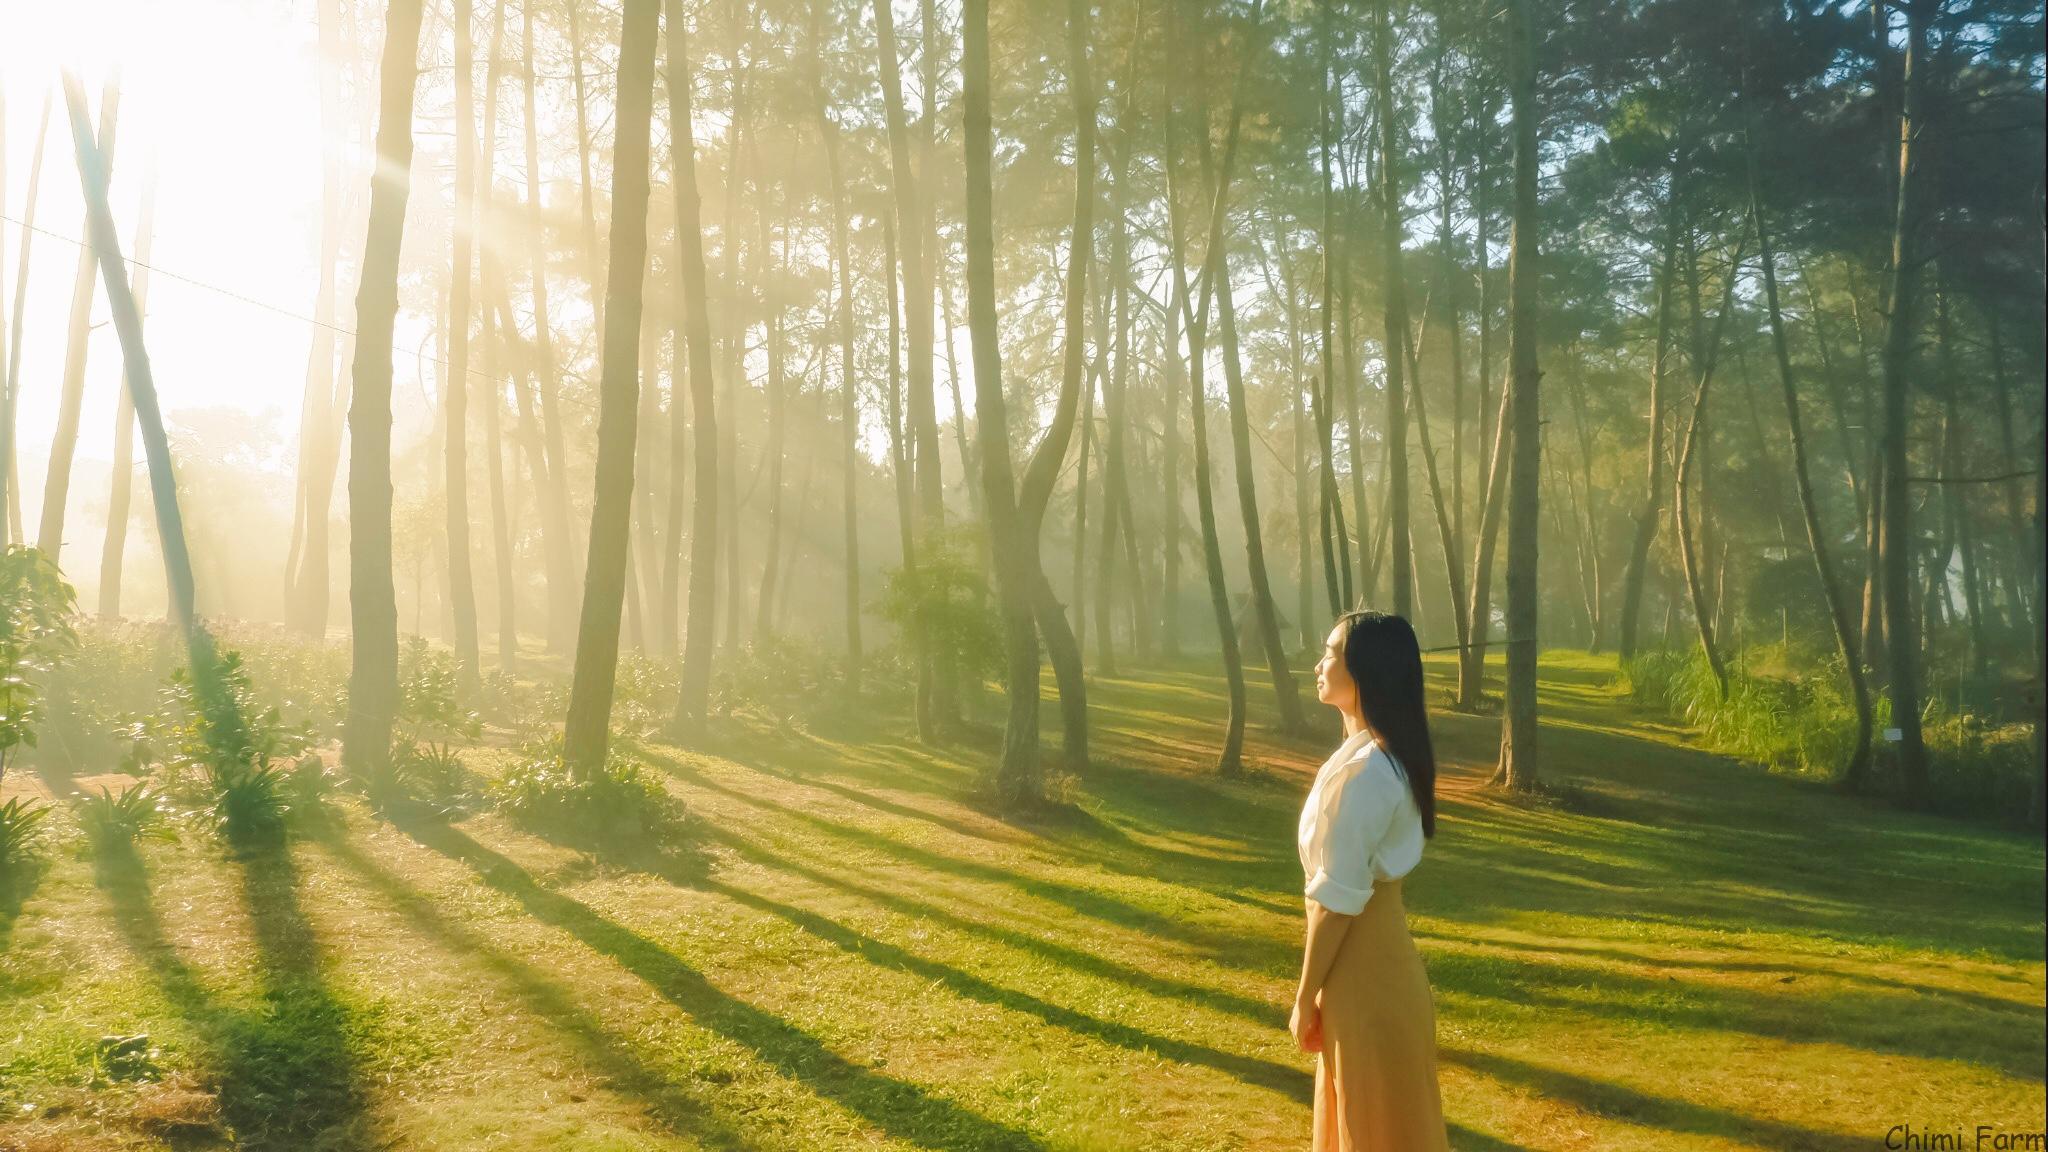 Ánh nắng xuyên qua những tán lá thông đẹp như một bức tranh